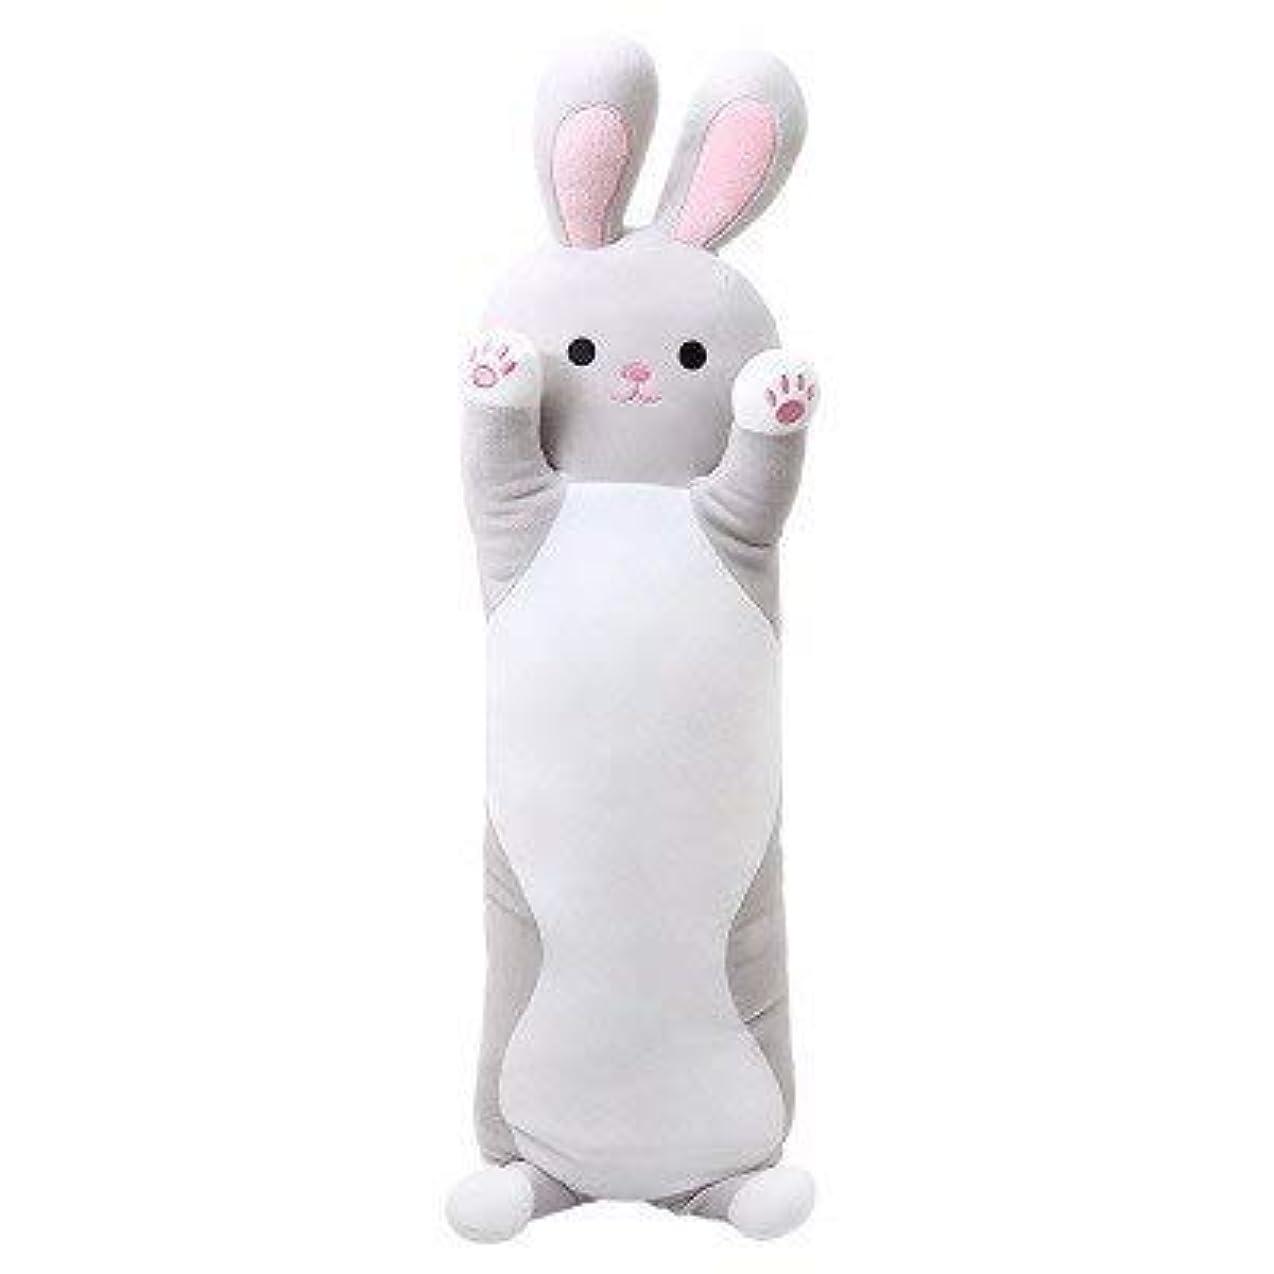 地域のリマーク夫LIFE センチメートルウサギのぬいぐるみロング睡眠枕を送信するために女の子 Almofada クッション床 Coussin Cojines 装飾 Overwatch クッション 椅子